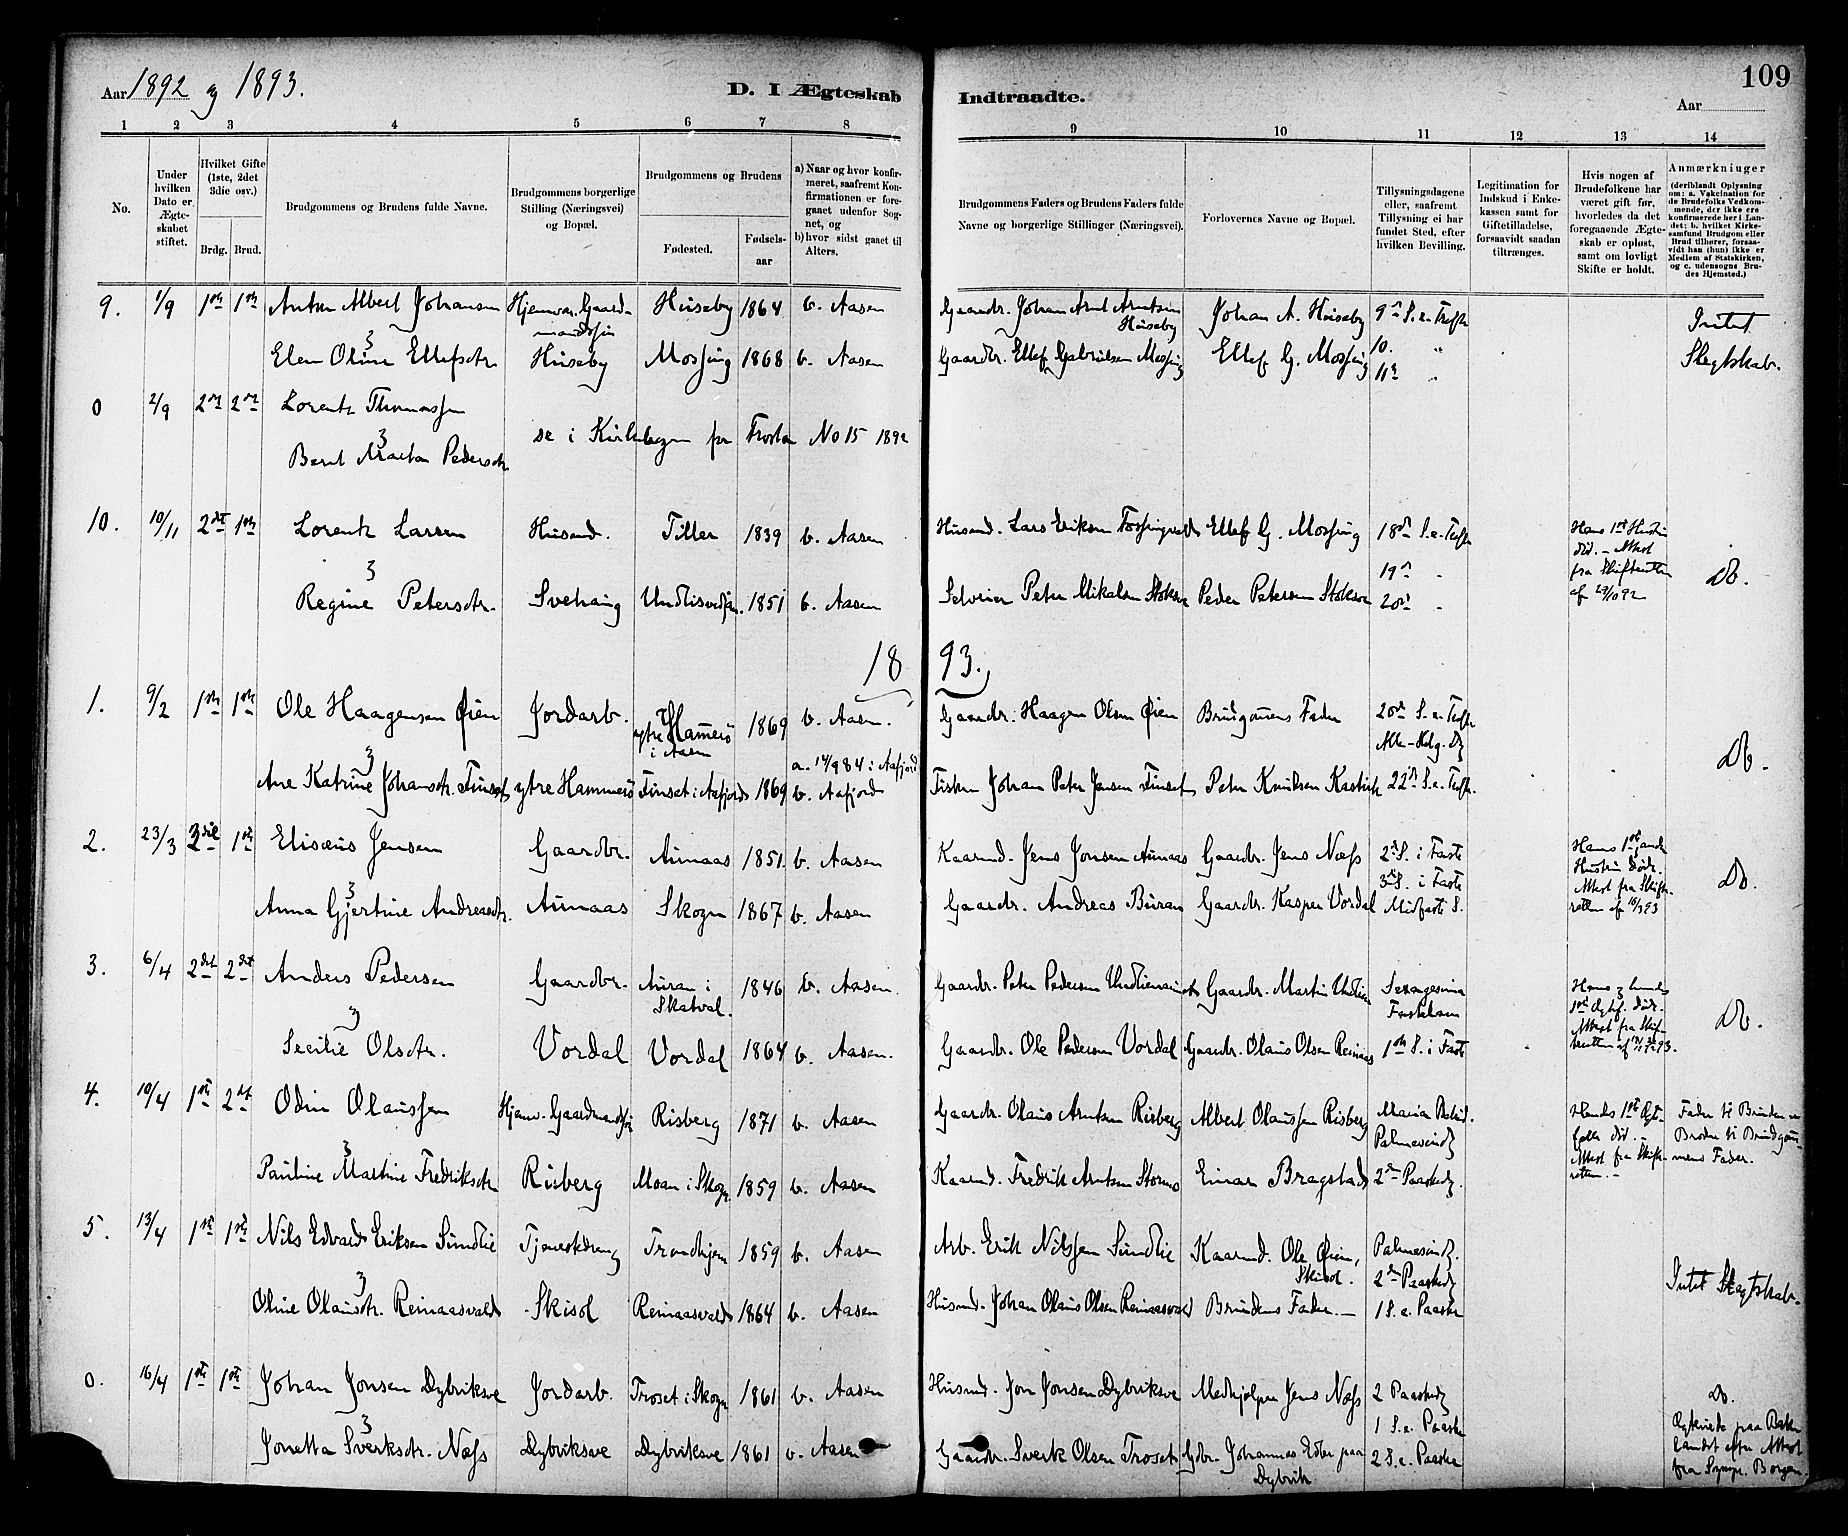 SAT, Ministerialprotokoller, klokkerbøker og fødselsregistre - Nord-Trøndelag, 714/L0130: Ministerialbok nr. 714A01, 1878-1895, s. 109